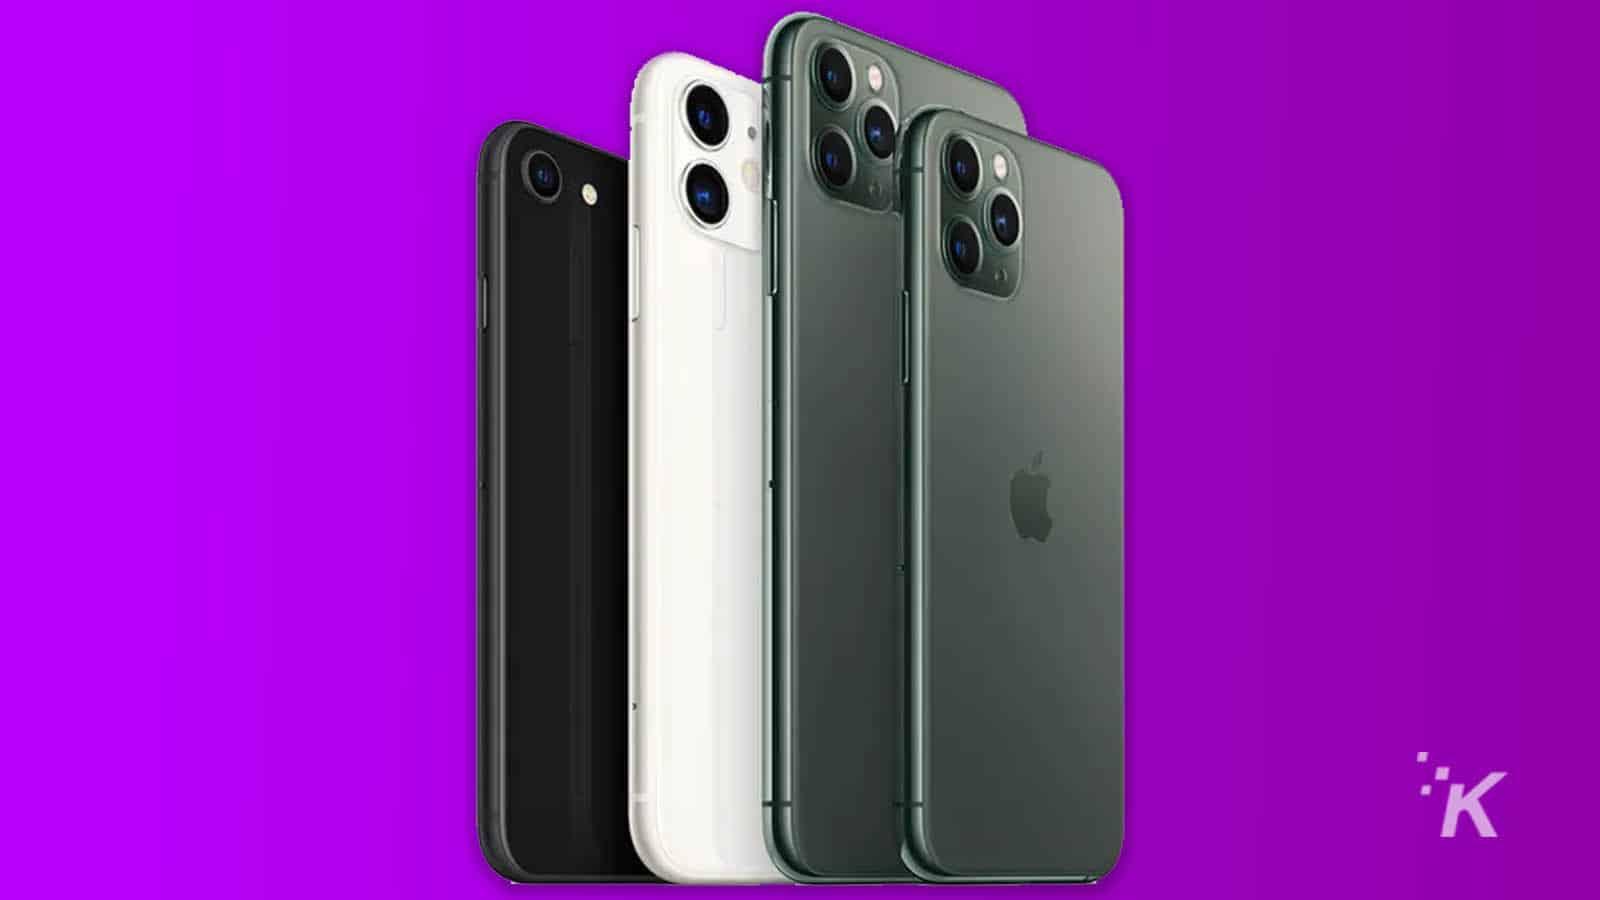 apple iphone se size comparison